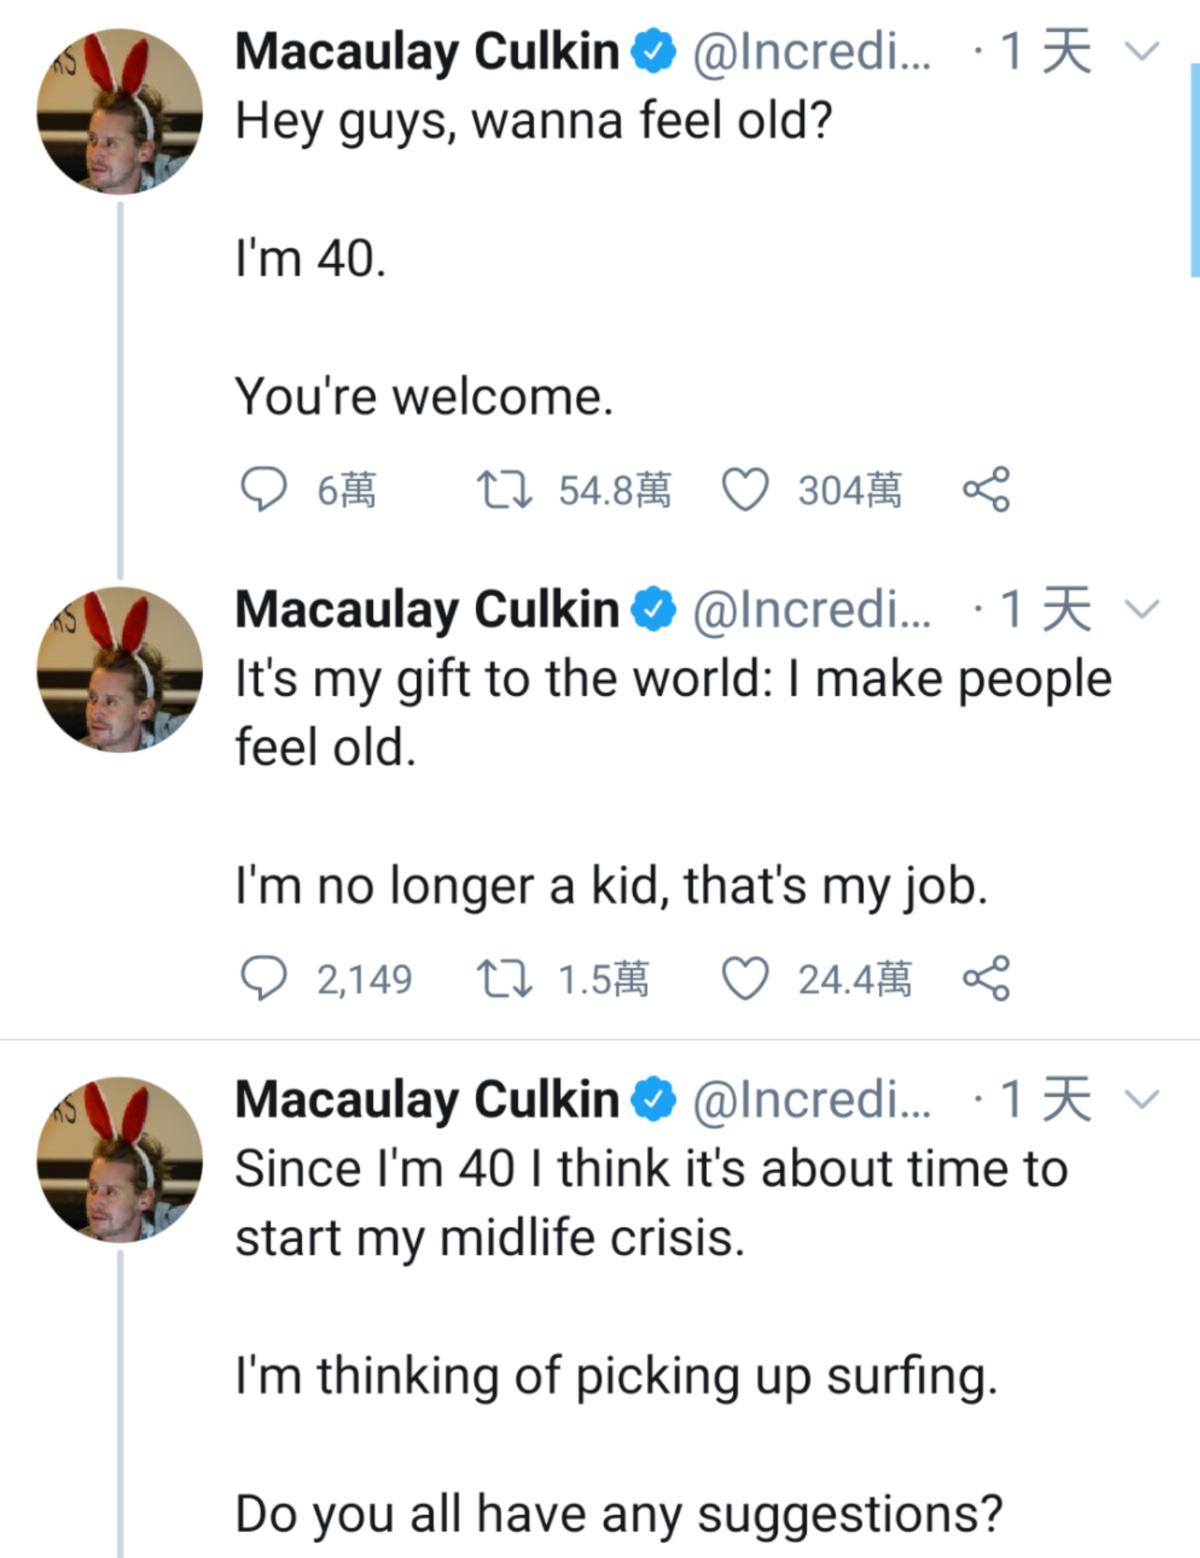 麥考利克金在40歲生日當天連發多則推文,告訴大家自己40歲,你們也老了。(翻攝麥考利克金推特)